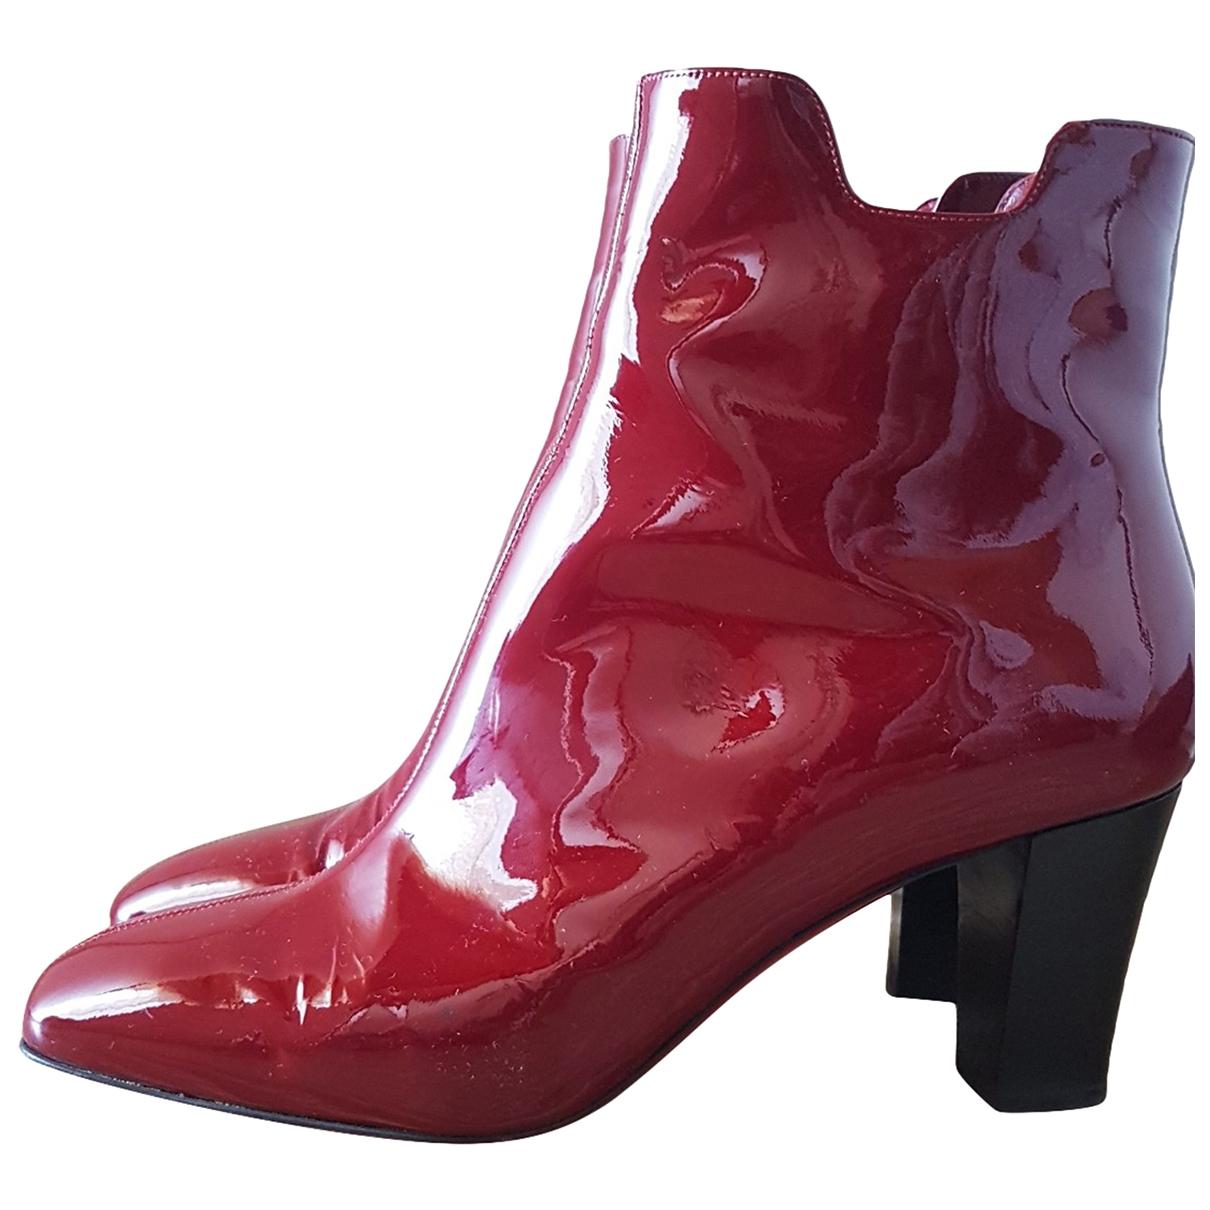 Christian Louboutin - Boots   pour femme en cuir verni - bordeaux